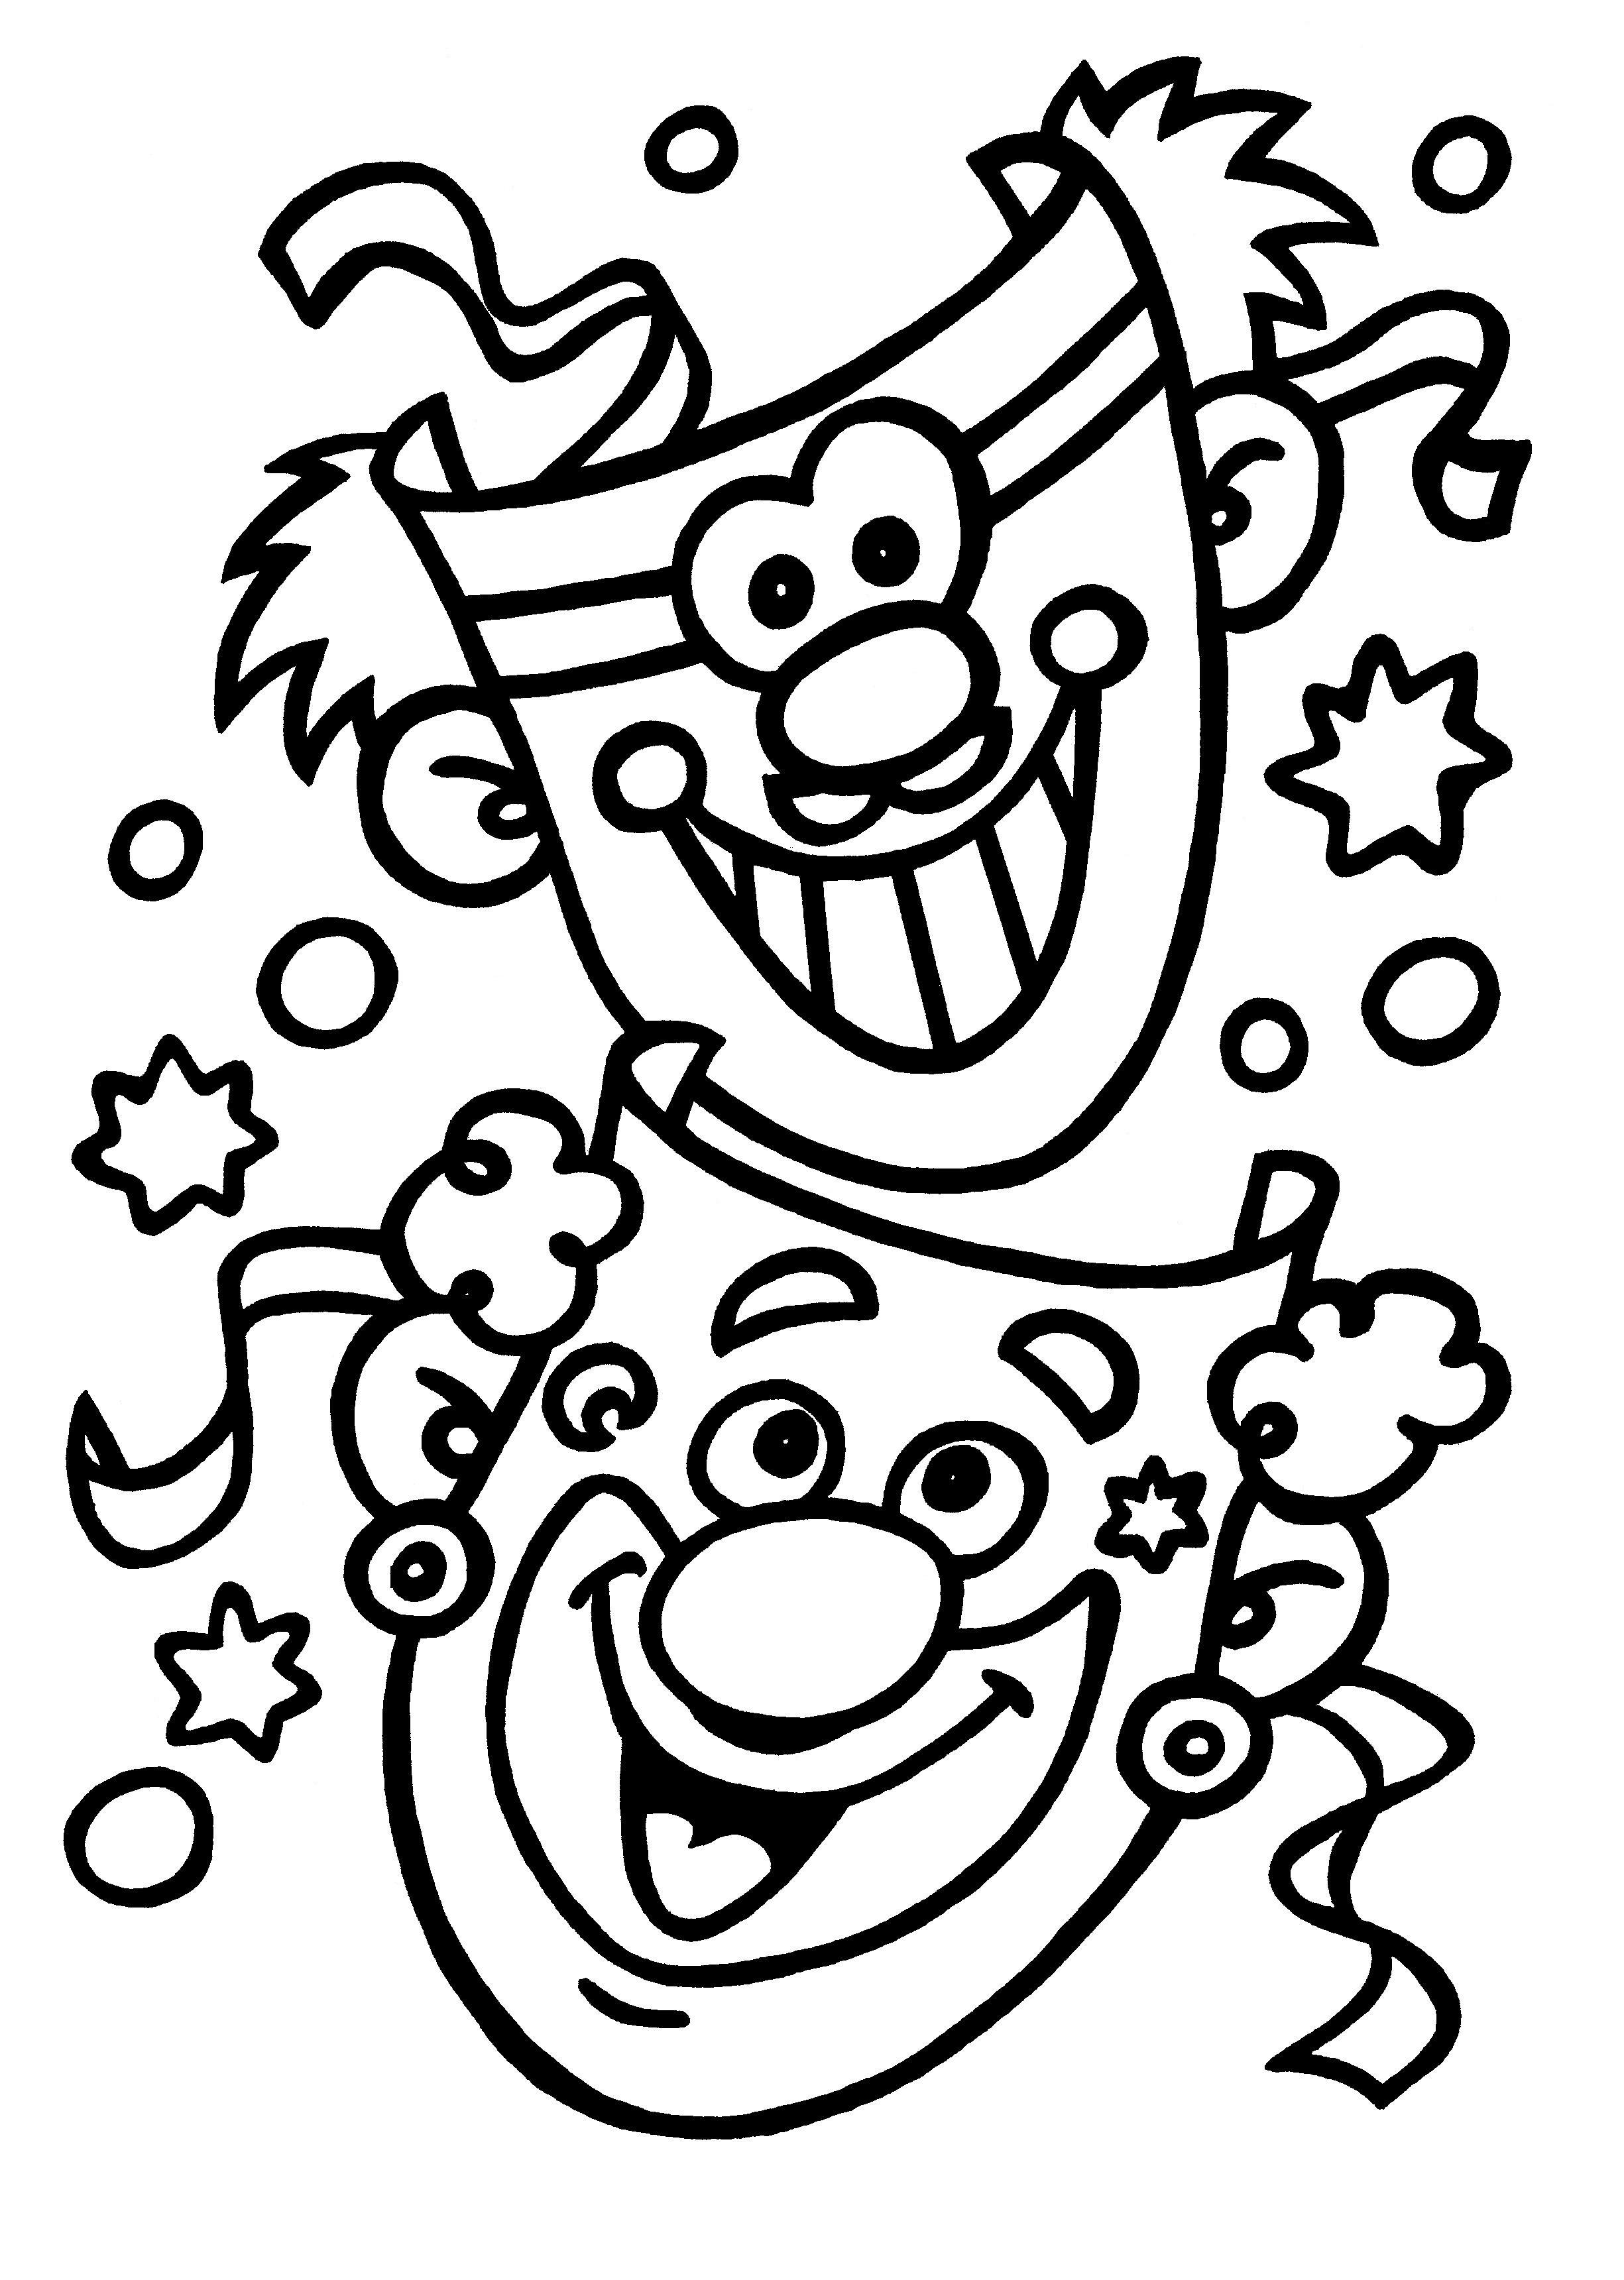 Kleurplaten Vlinder Hoedje.Kleurplaten Thema Carnaval Kleurplaten Creatief Met Kinderen